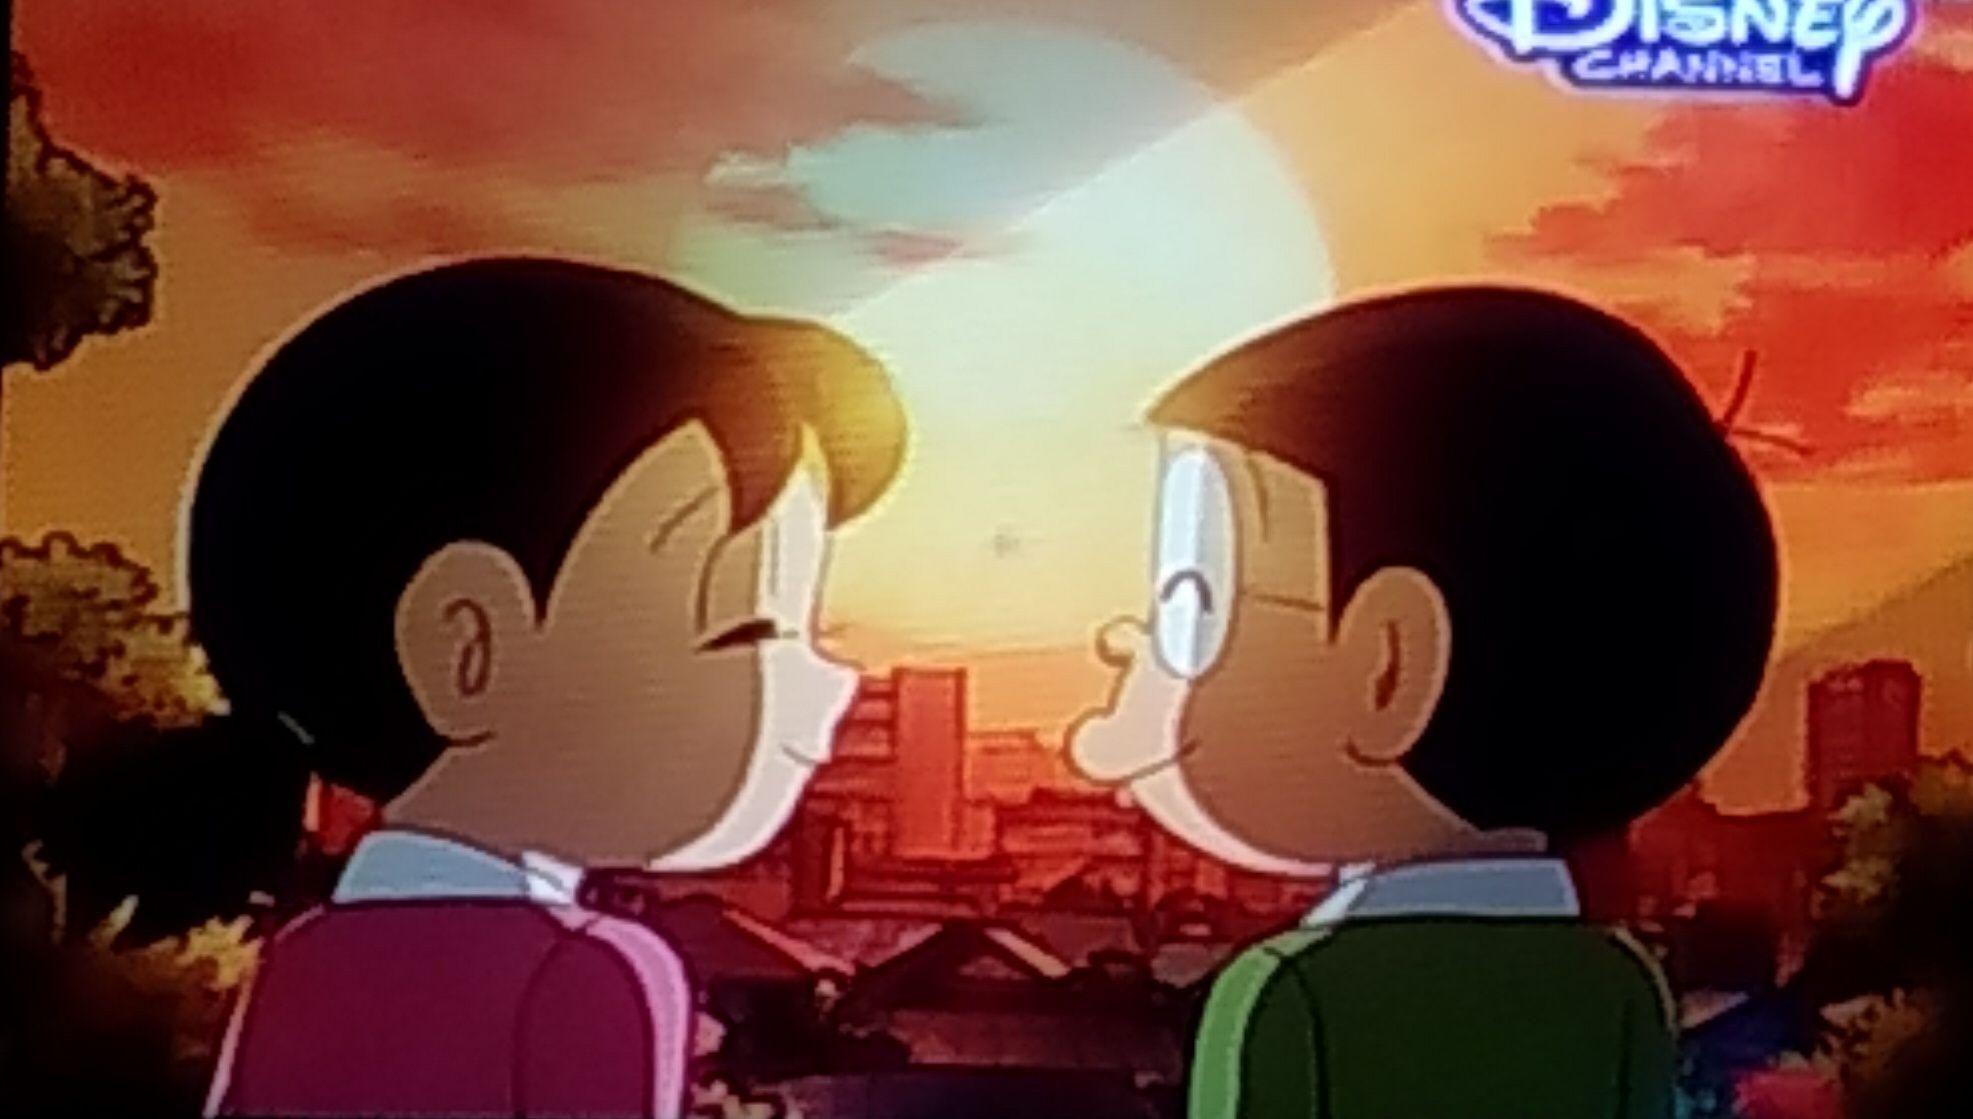 Doraemon Nobita Shizuka Full Hd Doraemon Hd Wallpaper Doraemon In 2020 Doraemon Wallpapers Cartoon Wallpaper Doraemon Cartoon